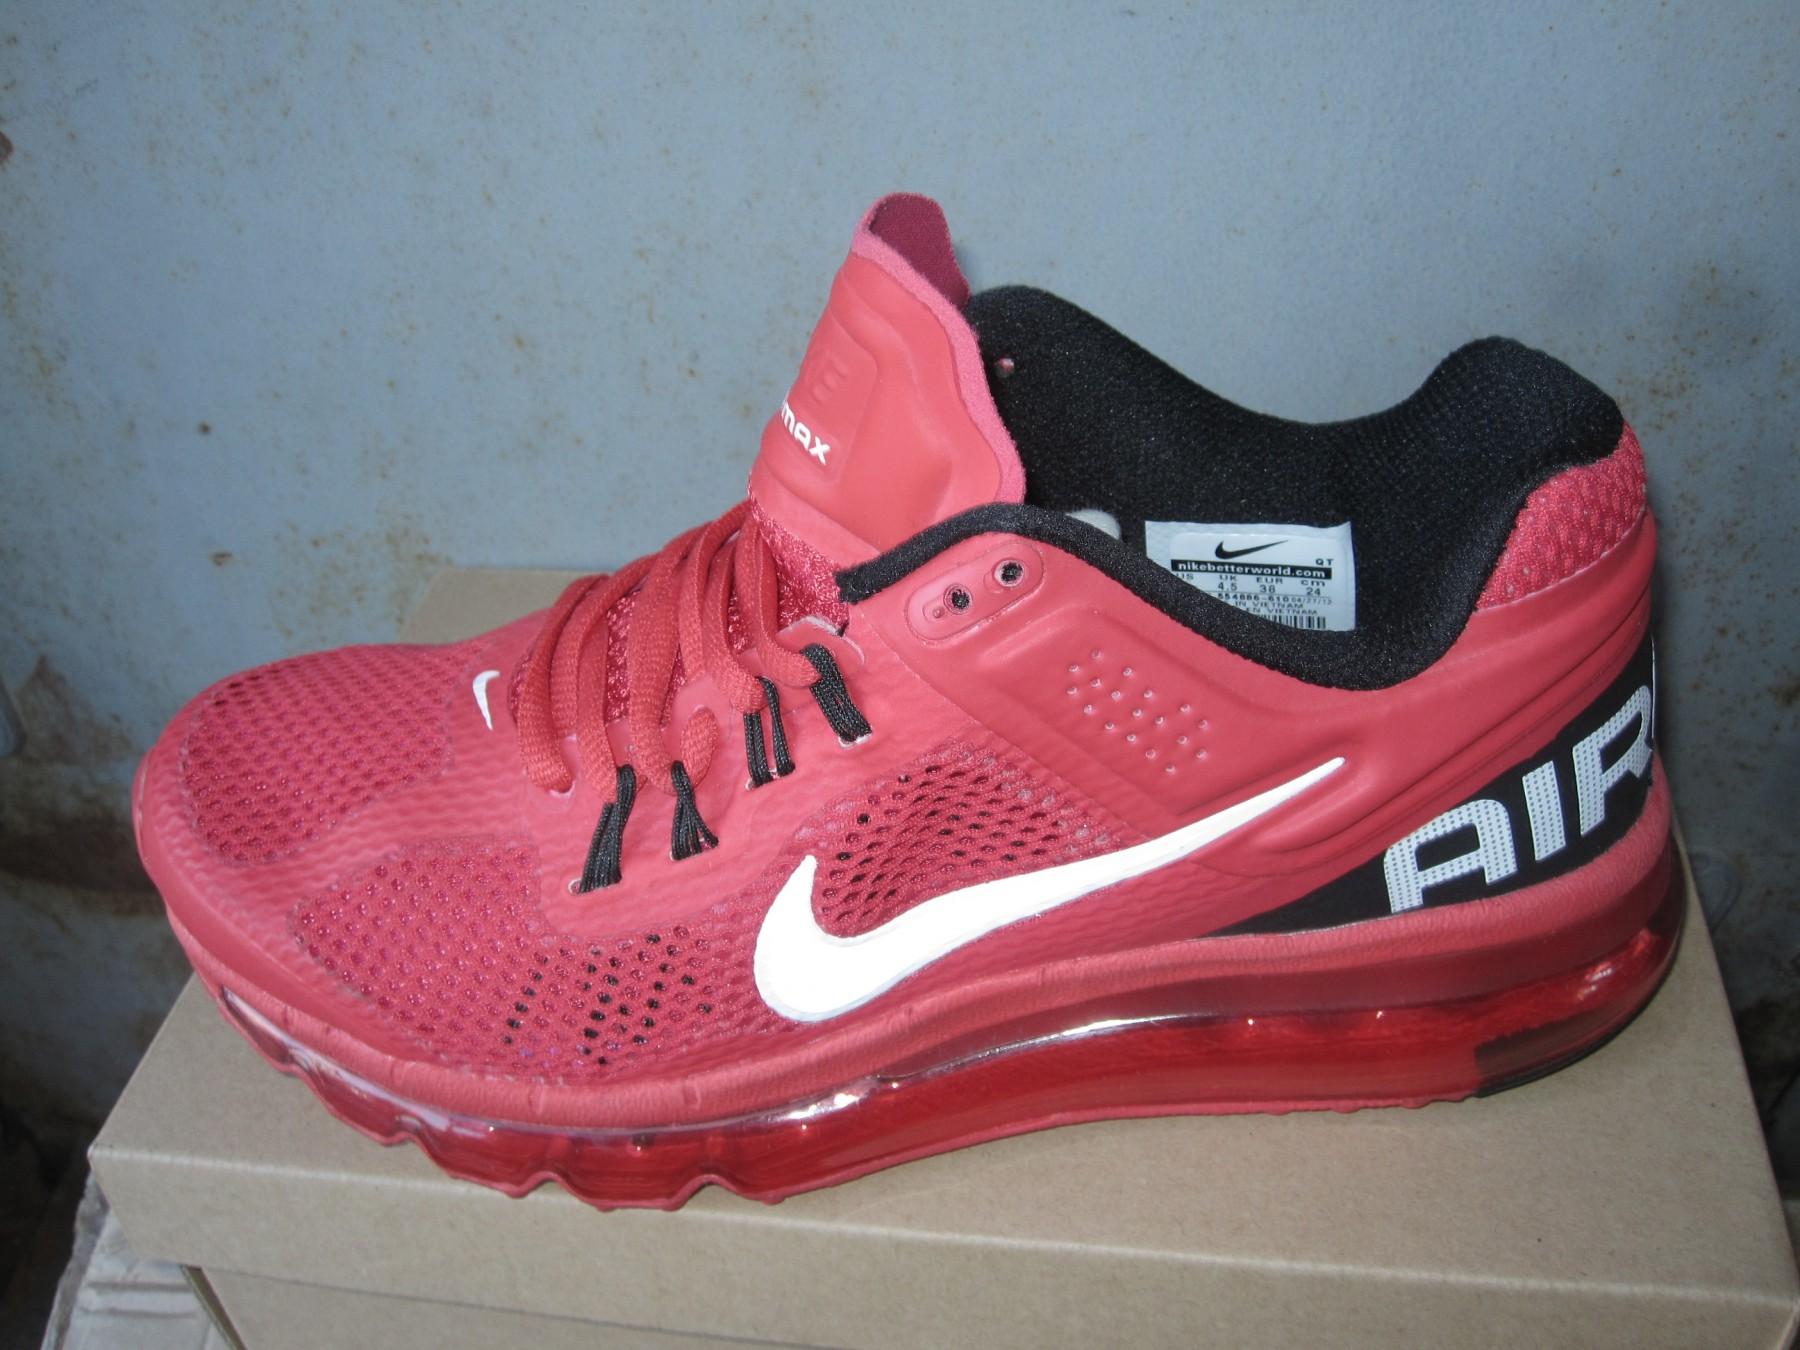 pretty nice 78e46 90a82 Butik Nike Air Max 2013 ženskih patika u br 36 do 41